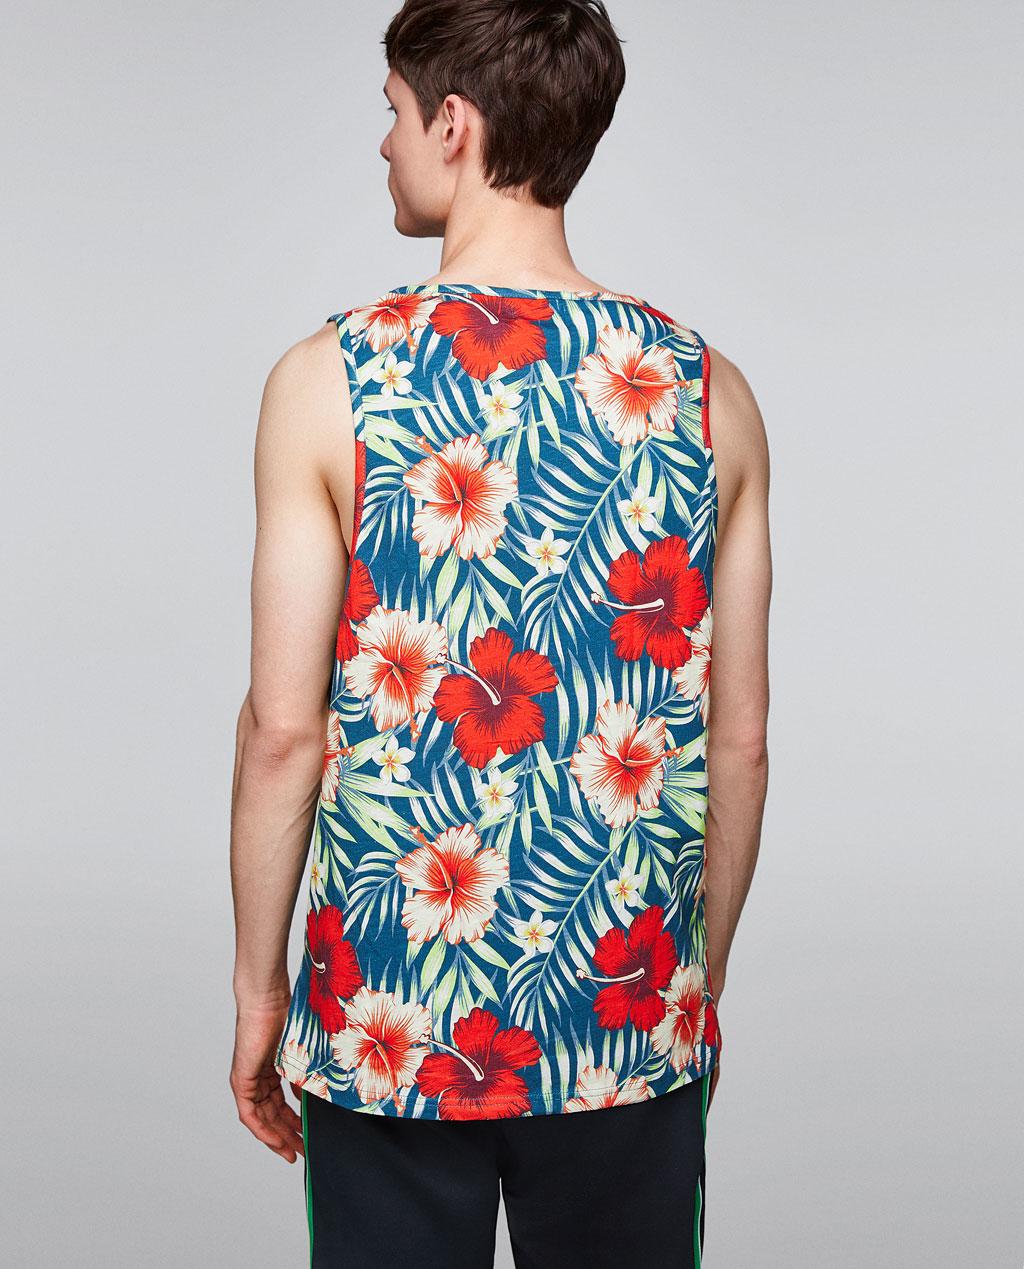 Thời trang nam Zara  24023 - ảnh 5